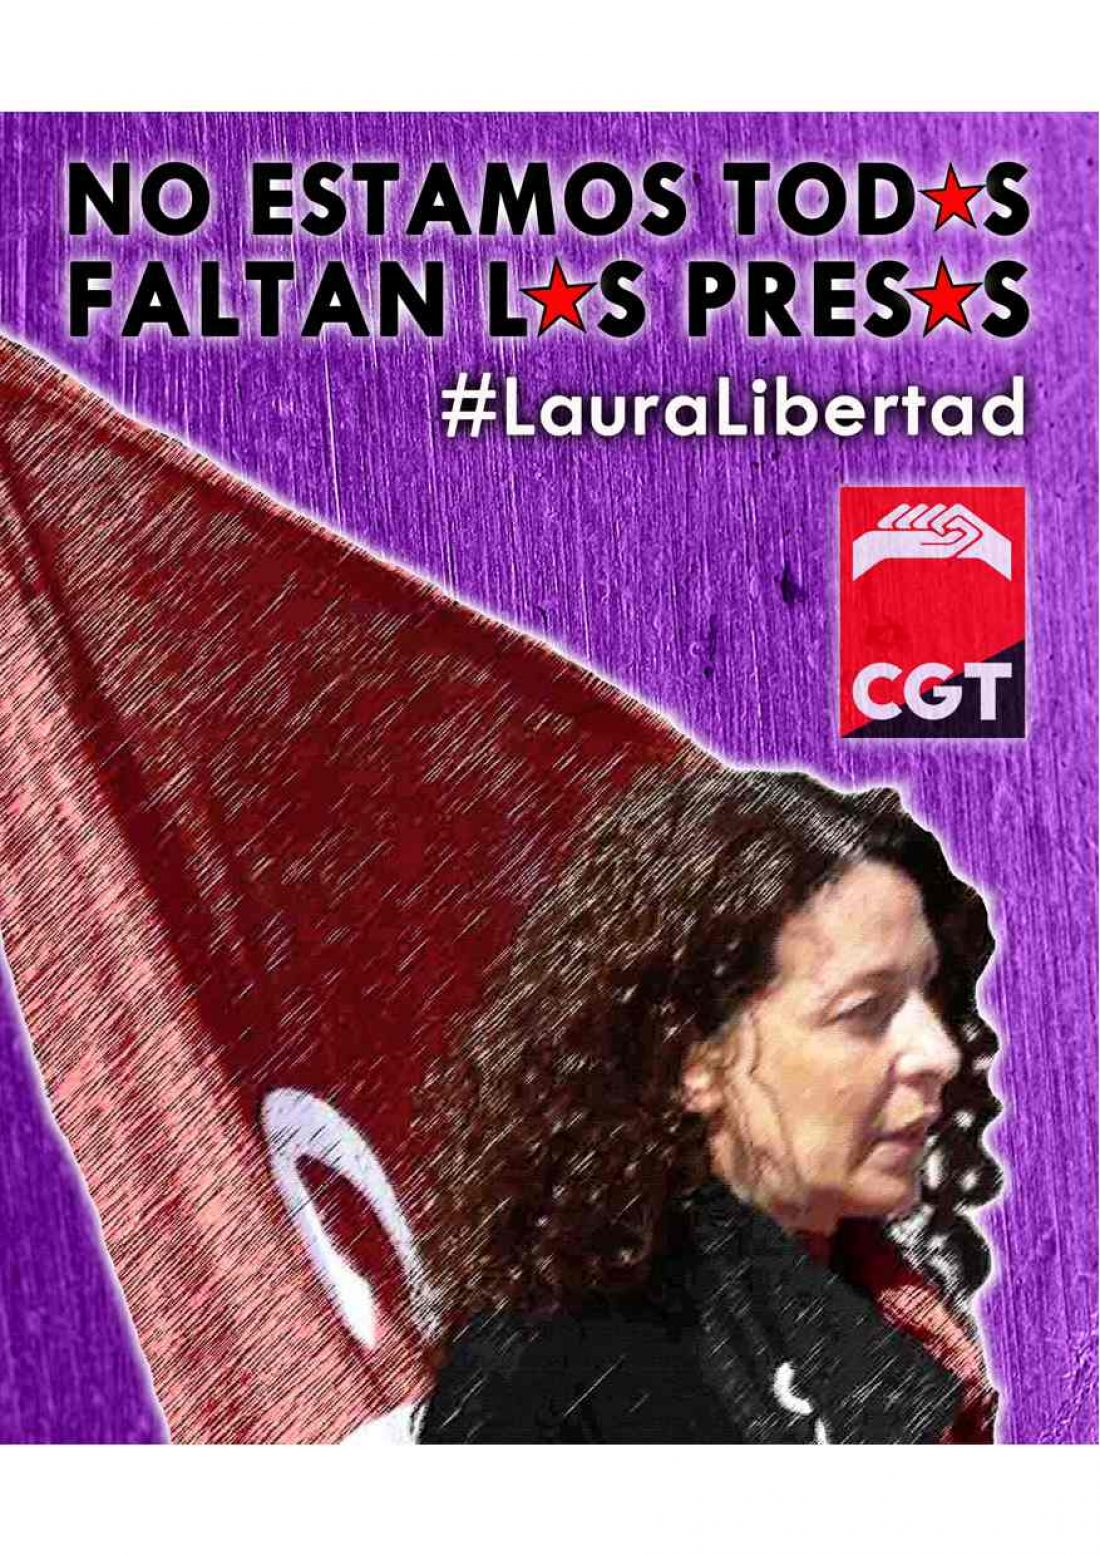 Manifestación en Barcelona el día 17 de mayo por la libertad de Laura